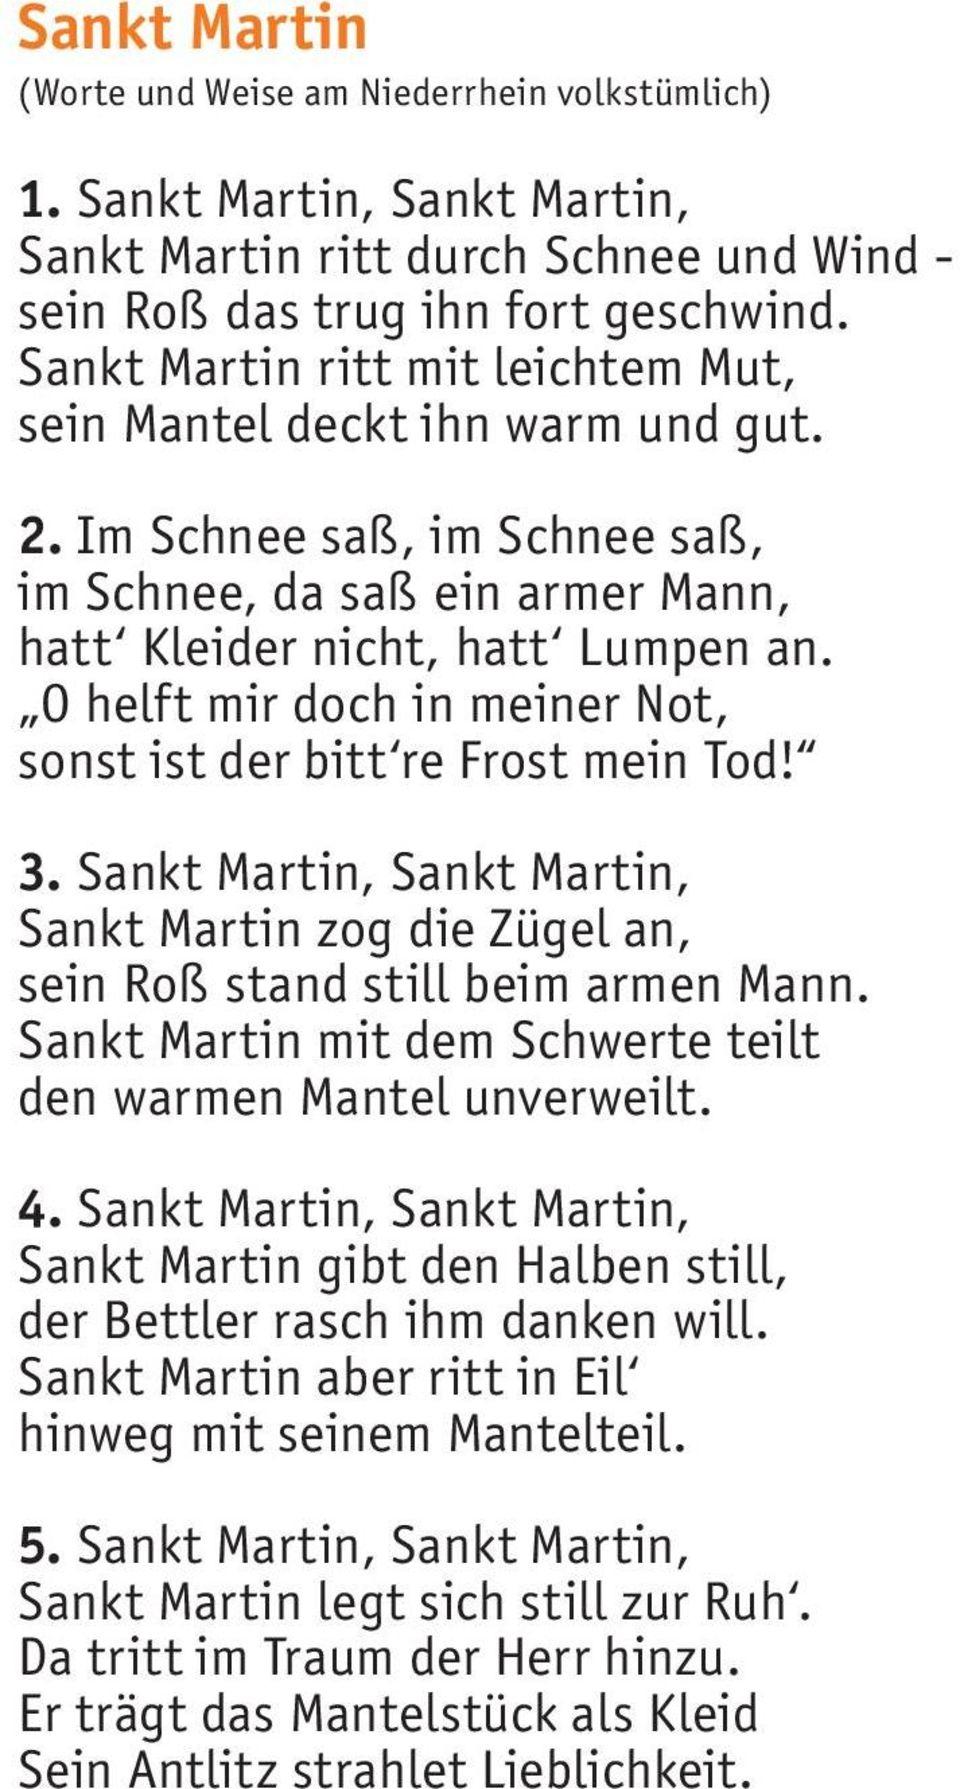 St. Martin Liederheft - Pdf Free Download für St Martin Ritt Durch Schnee Und Wind Text